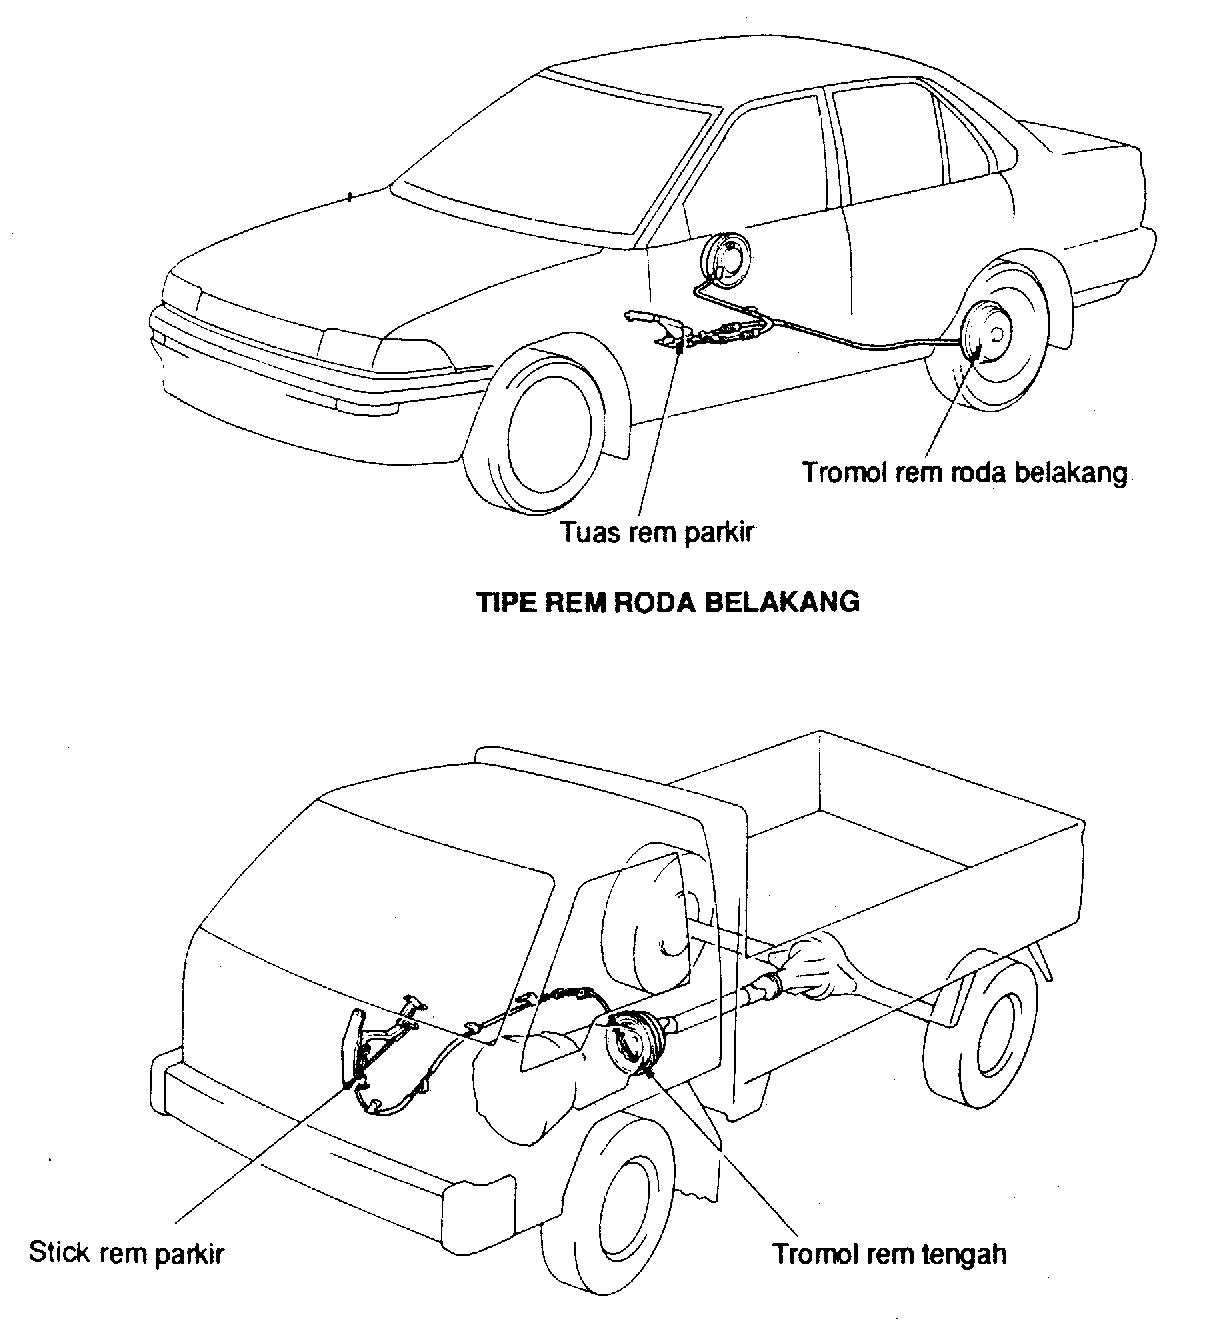 Rem parkir (parking brake)